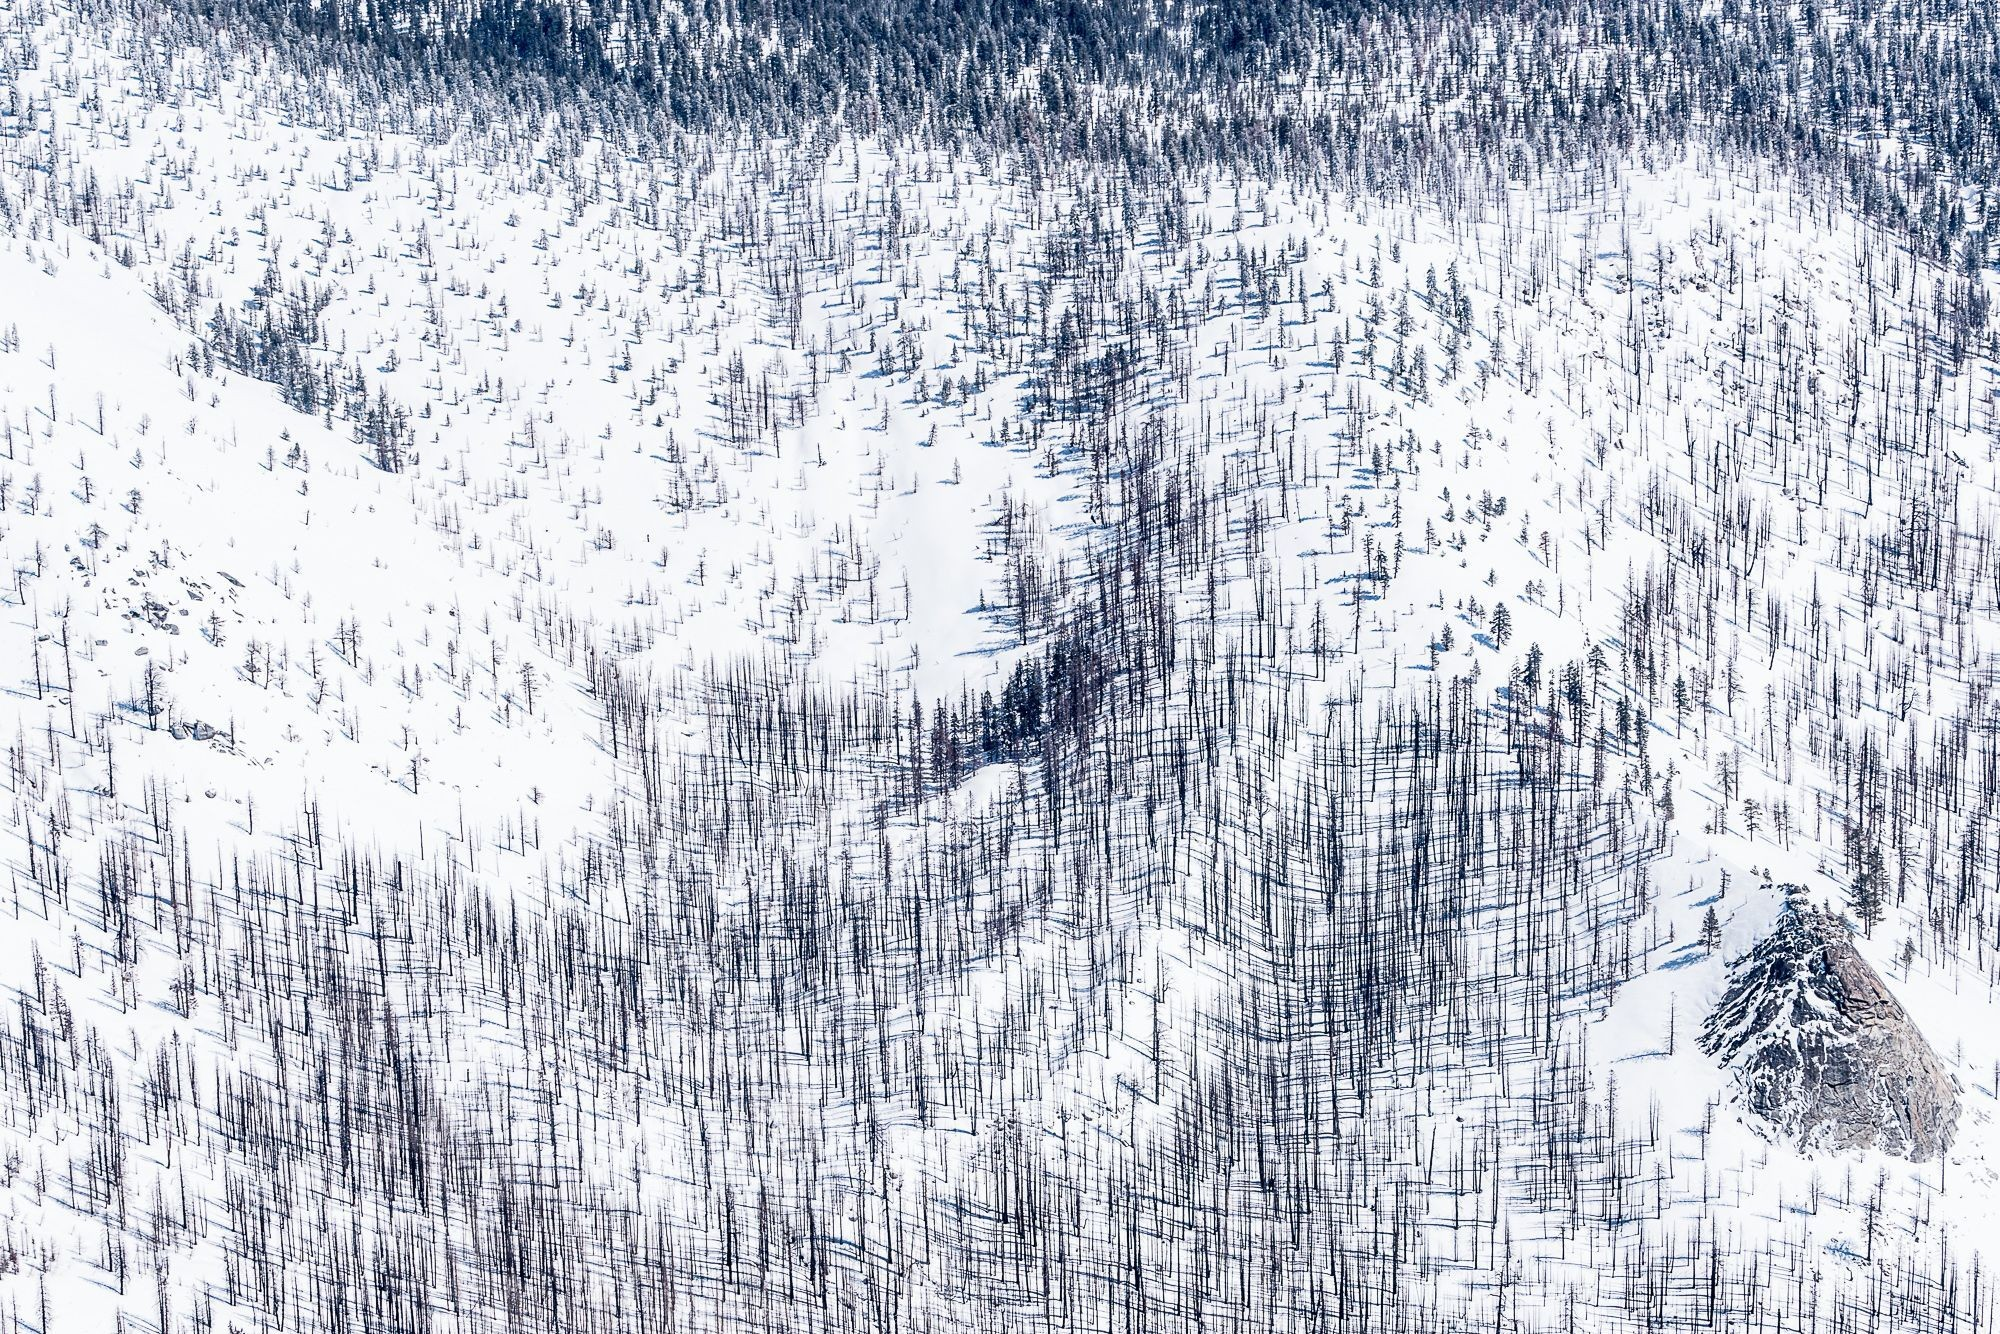 árvores queimadas na neve